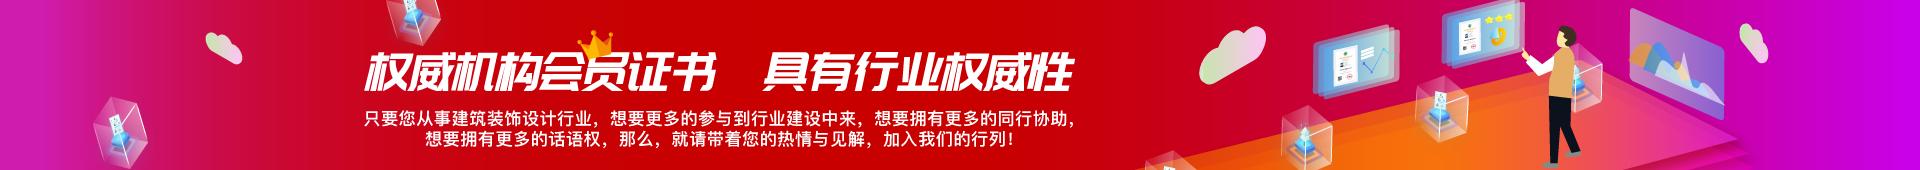 中国建筑装饰协会设计师个人会员申报